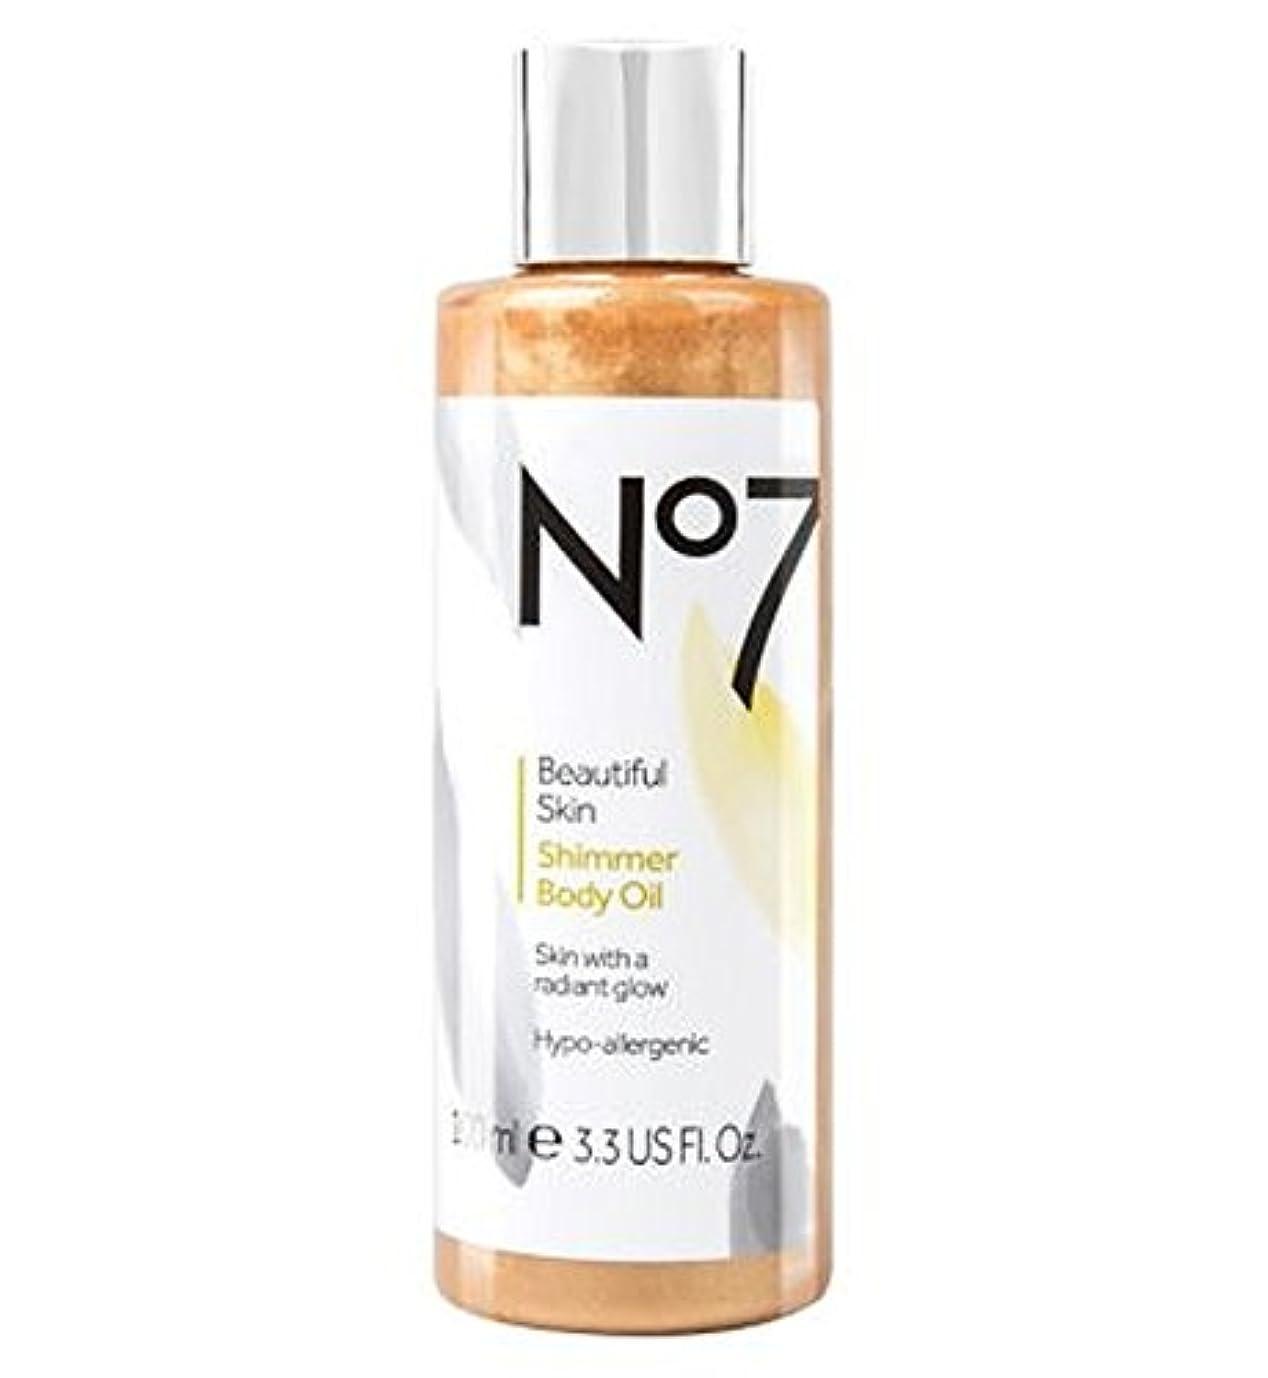 ジュニア直接ハンドブックNo7美しい肌シマーボディオイル (No7) (x2) - No7 Beautiful Skin Shimmer Body Oil (Pack of 2) [並行輸入品]